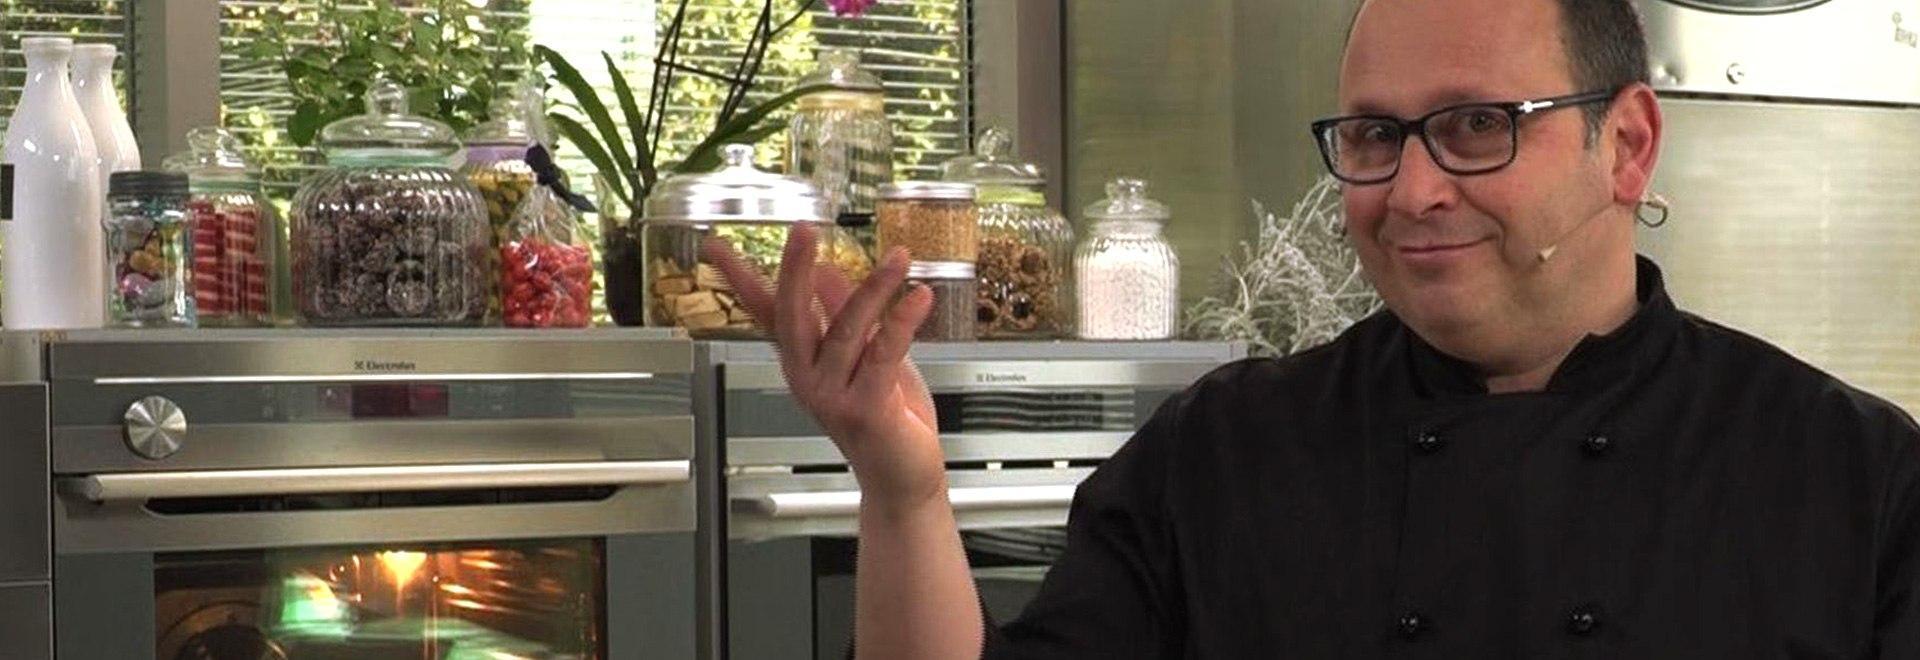 Andrea De Bellis: Pane olio e cioccolato